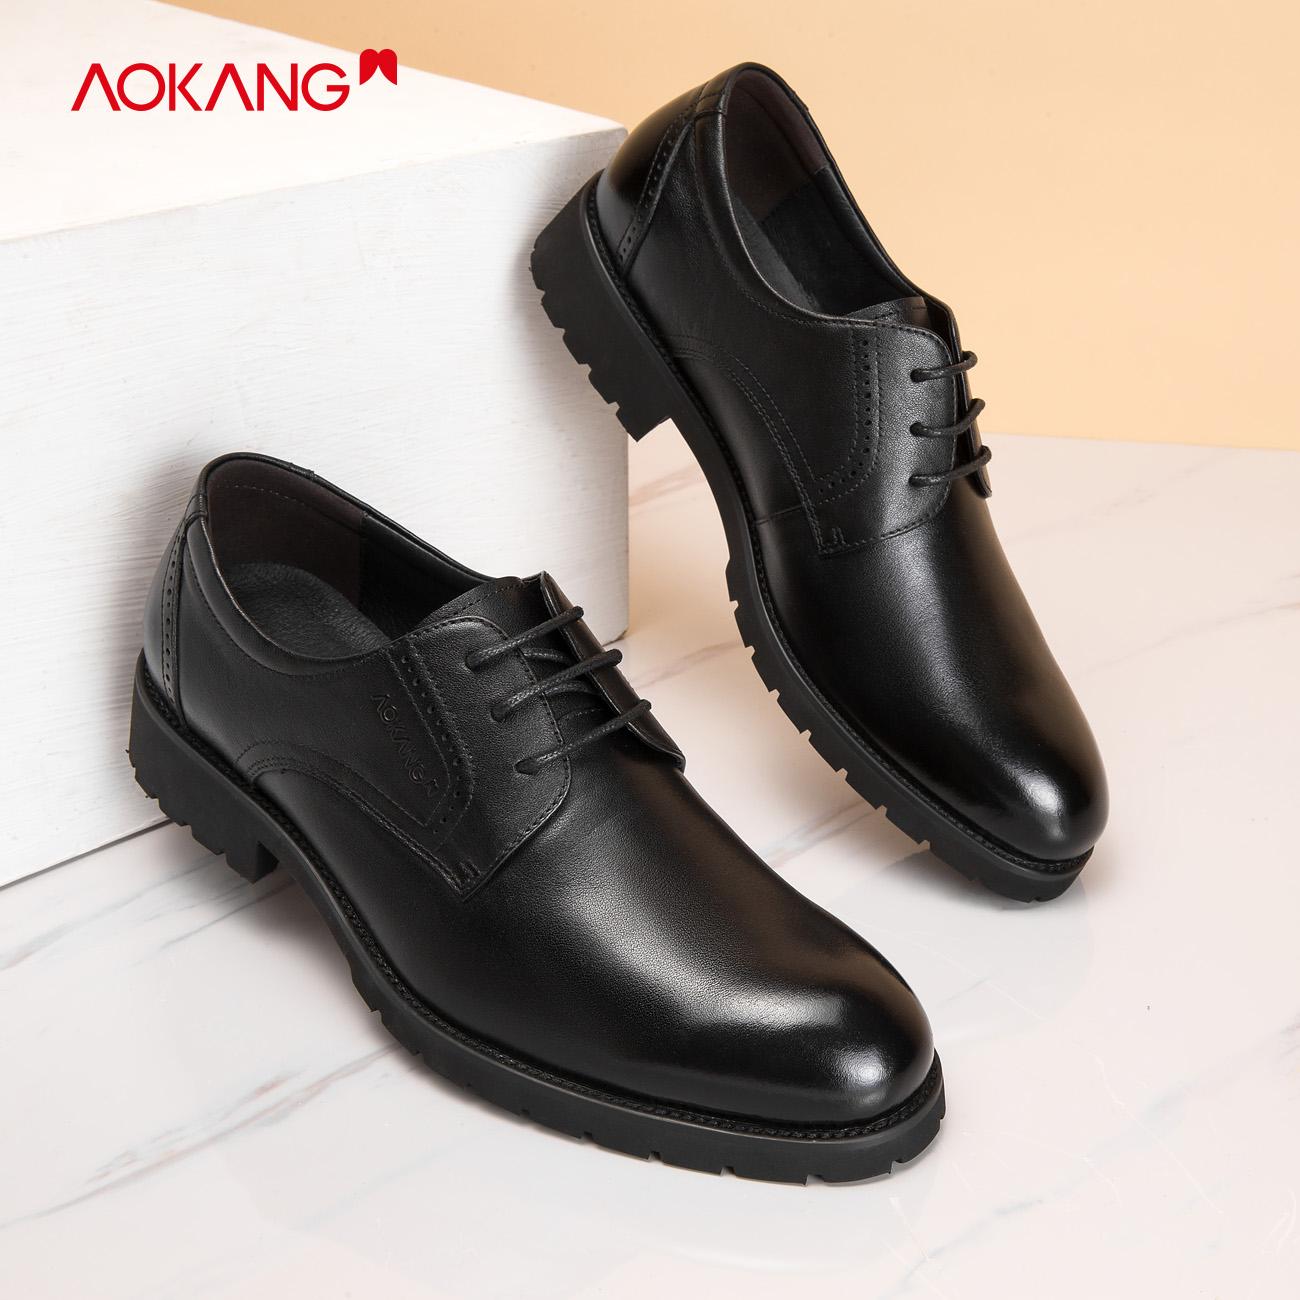 奥康男鞋秋季新款真皮商务正装皮鞋男舒适透气系带经典德比鞋